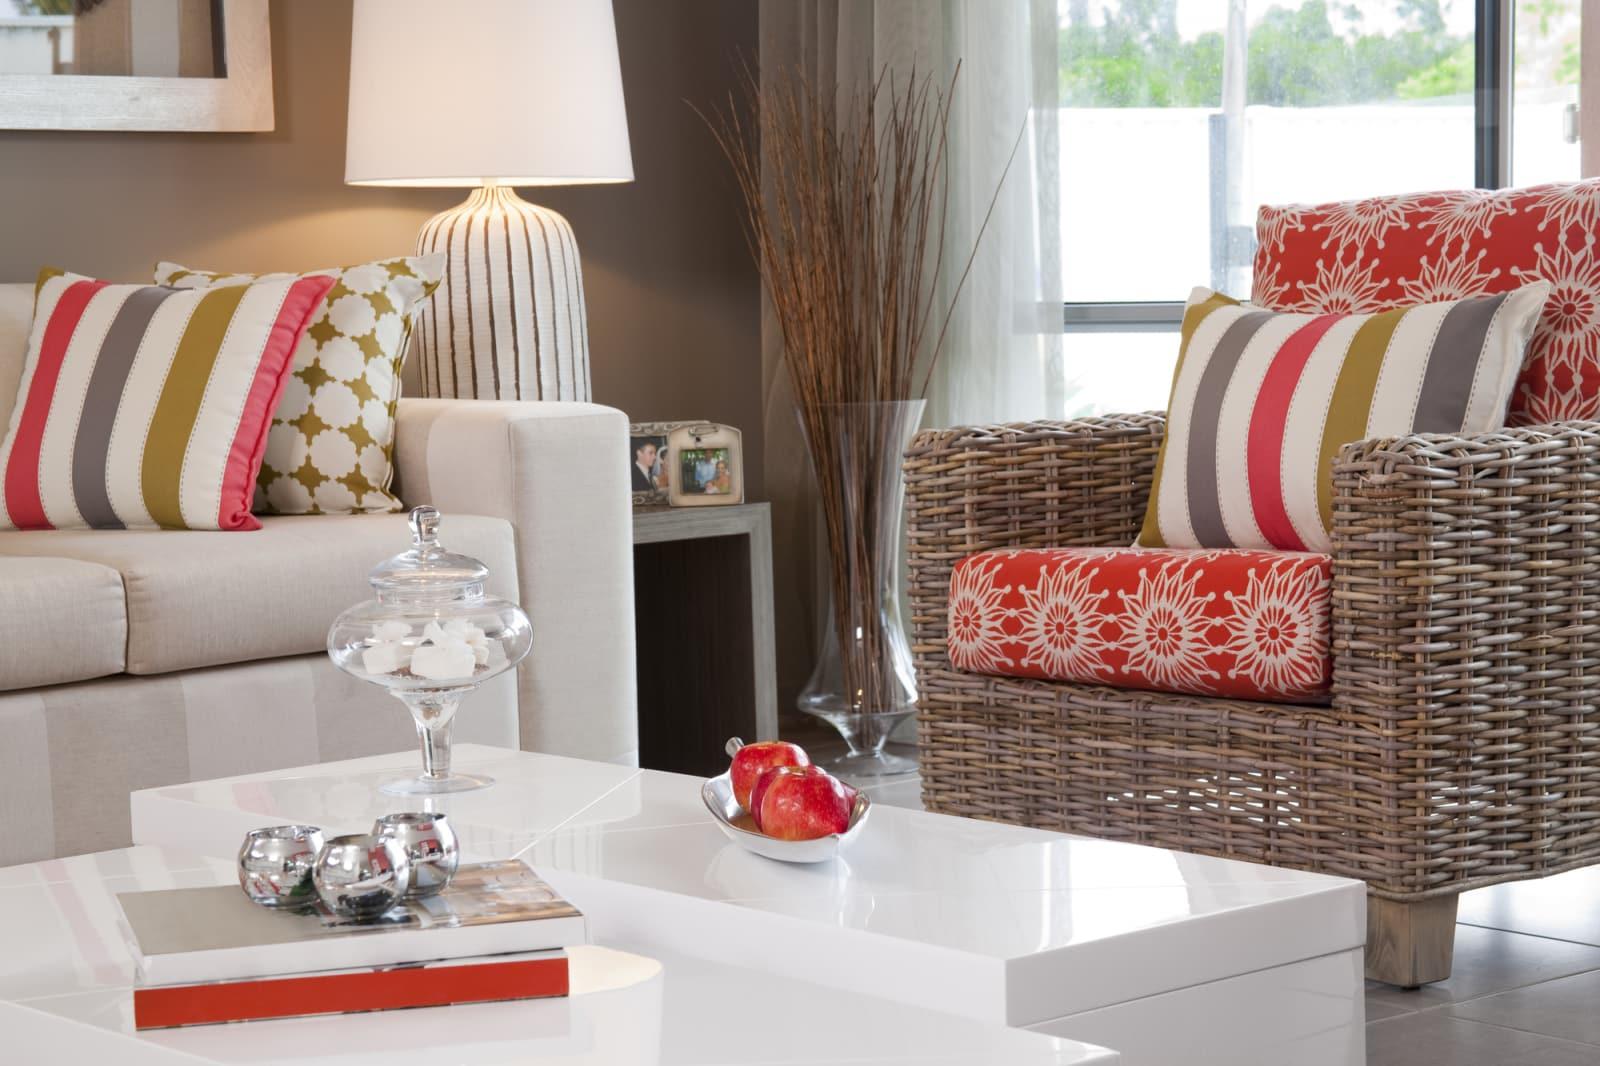 Kéthetes terv, amivel az egész lakást kitakaríthatod – kezdd rendezetten az új évet!